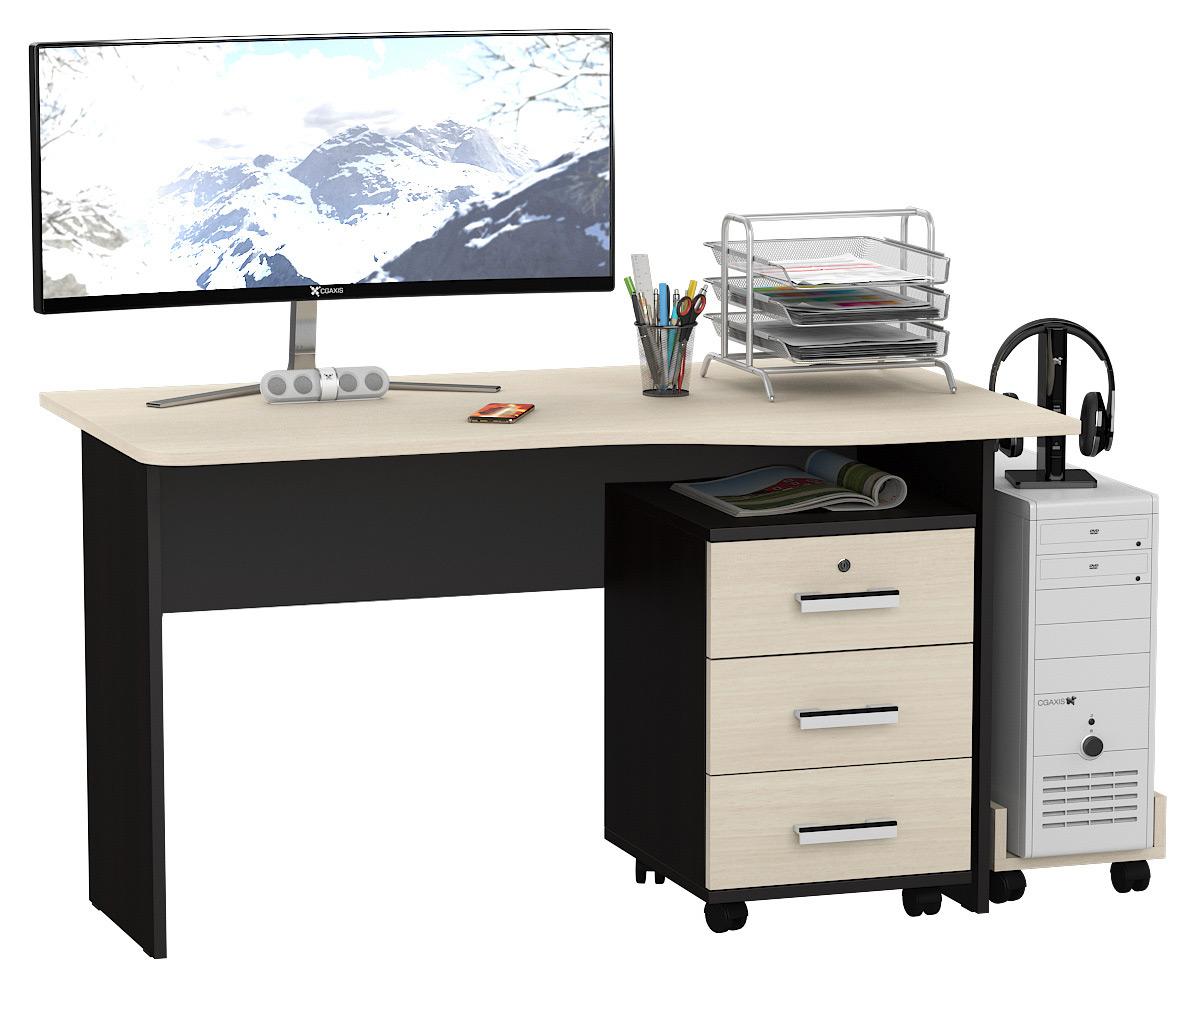 Письменный стол Мебельный Двор МД 1.04ТП с тумбочкой и подставкой венге/дуб 130х75х74 фото